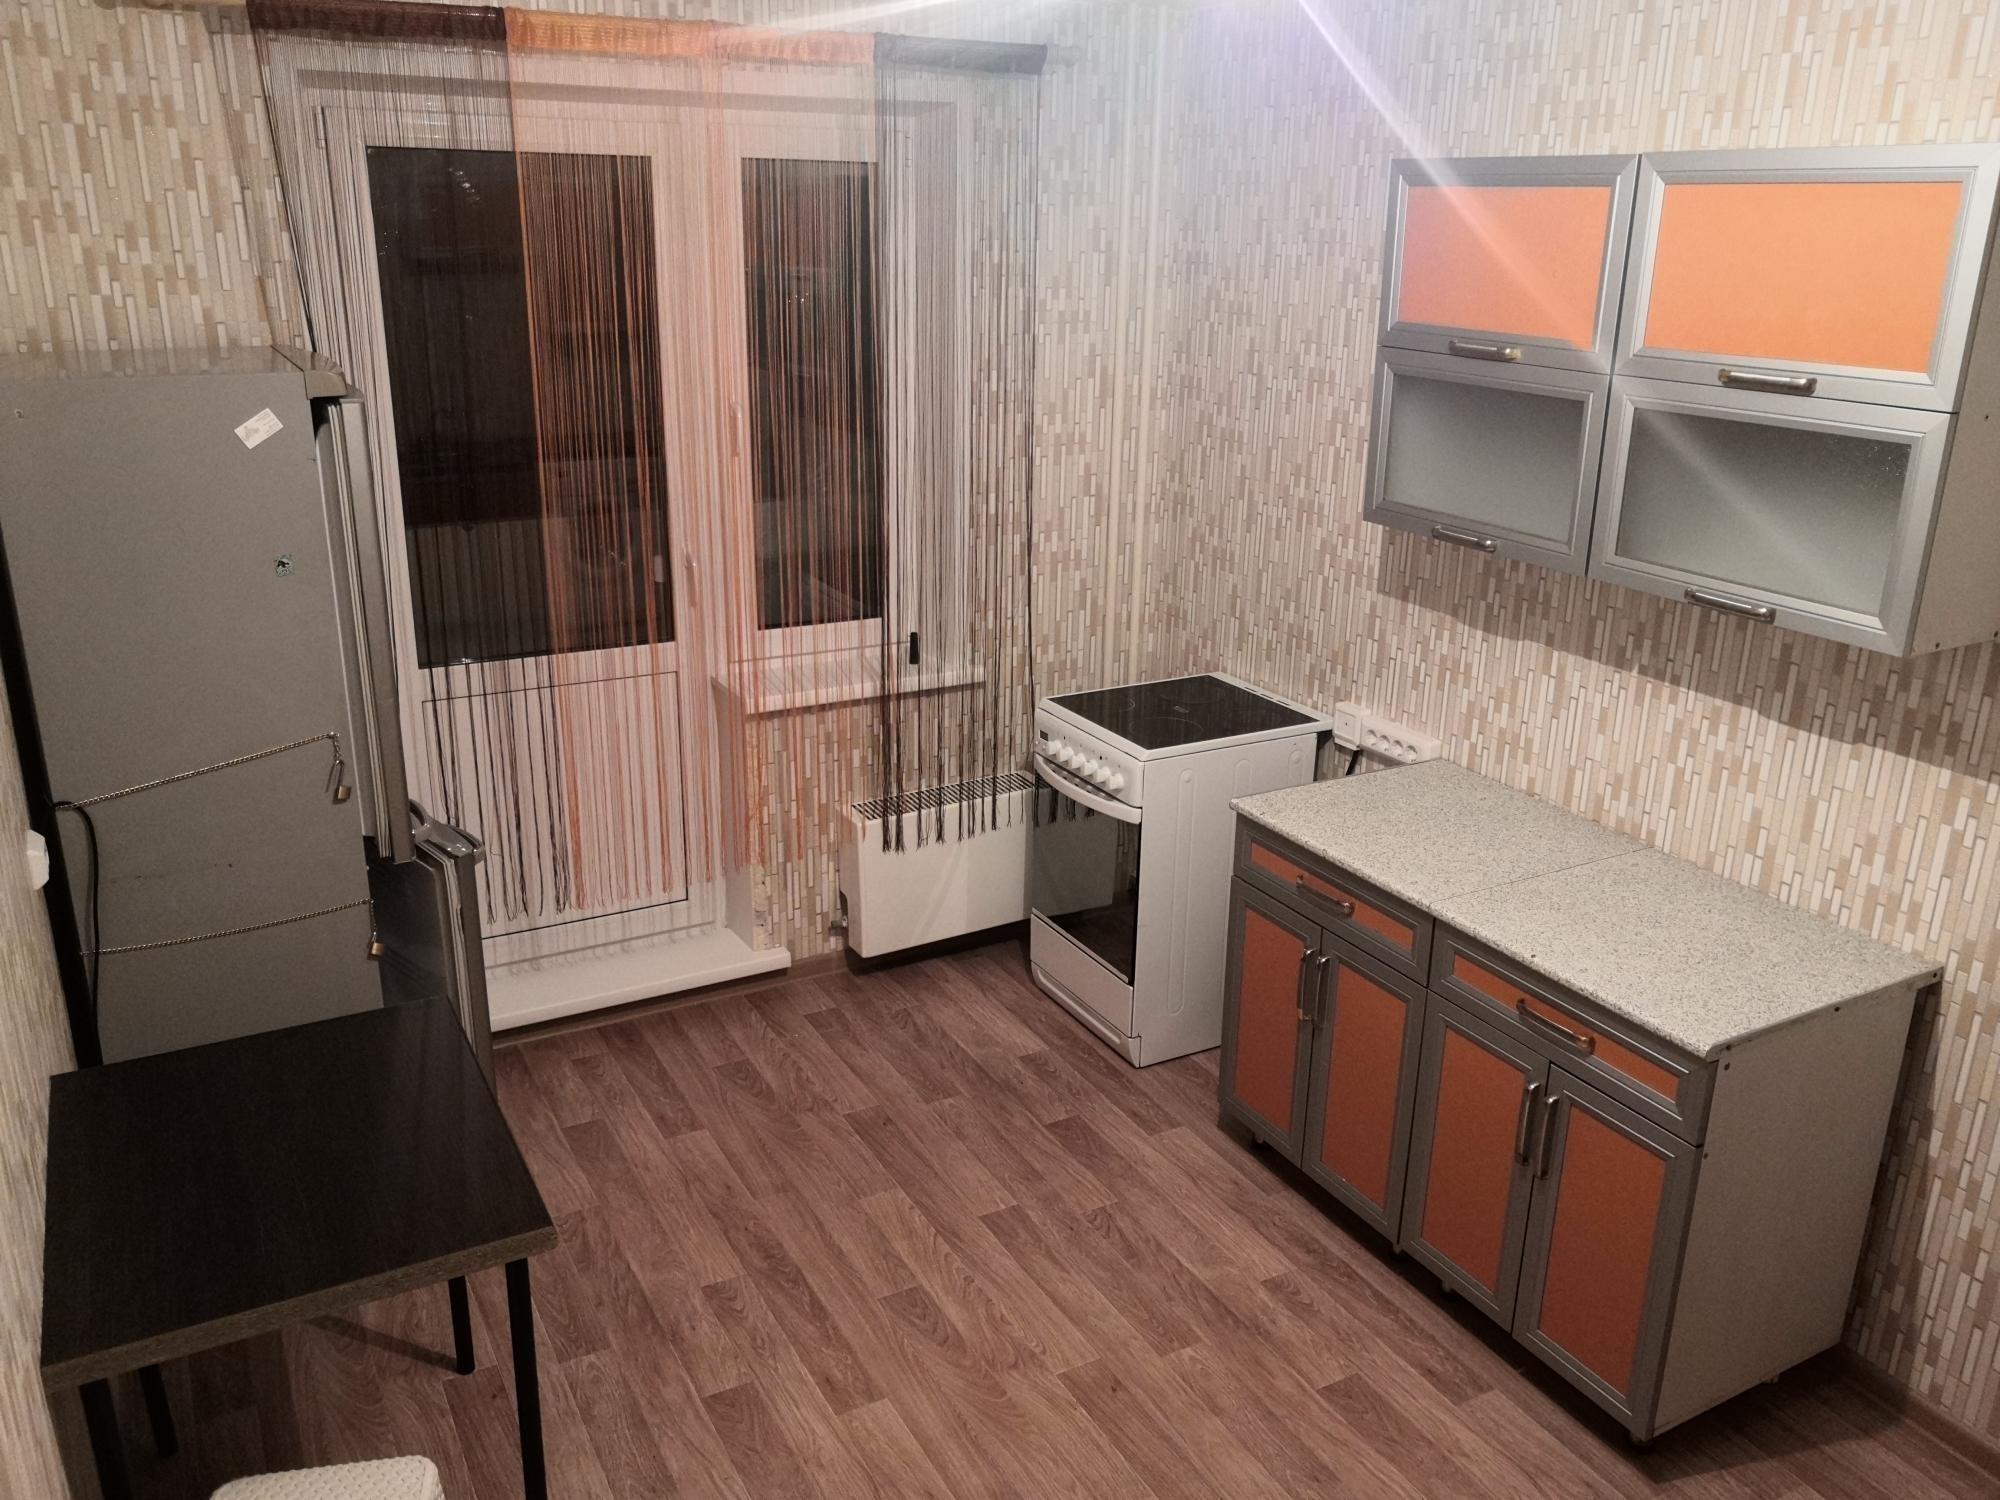 2к квартира Ольховая улица, 12 | 16500 | аренда в Красноярске фото 0